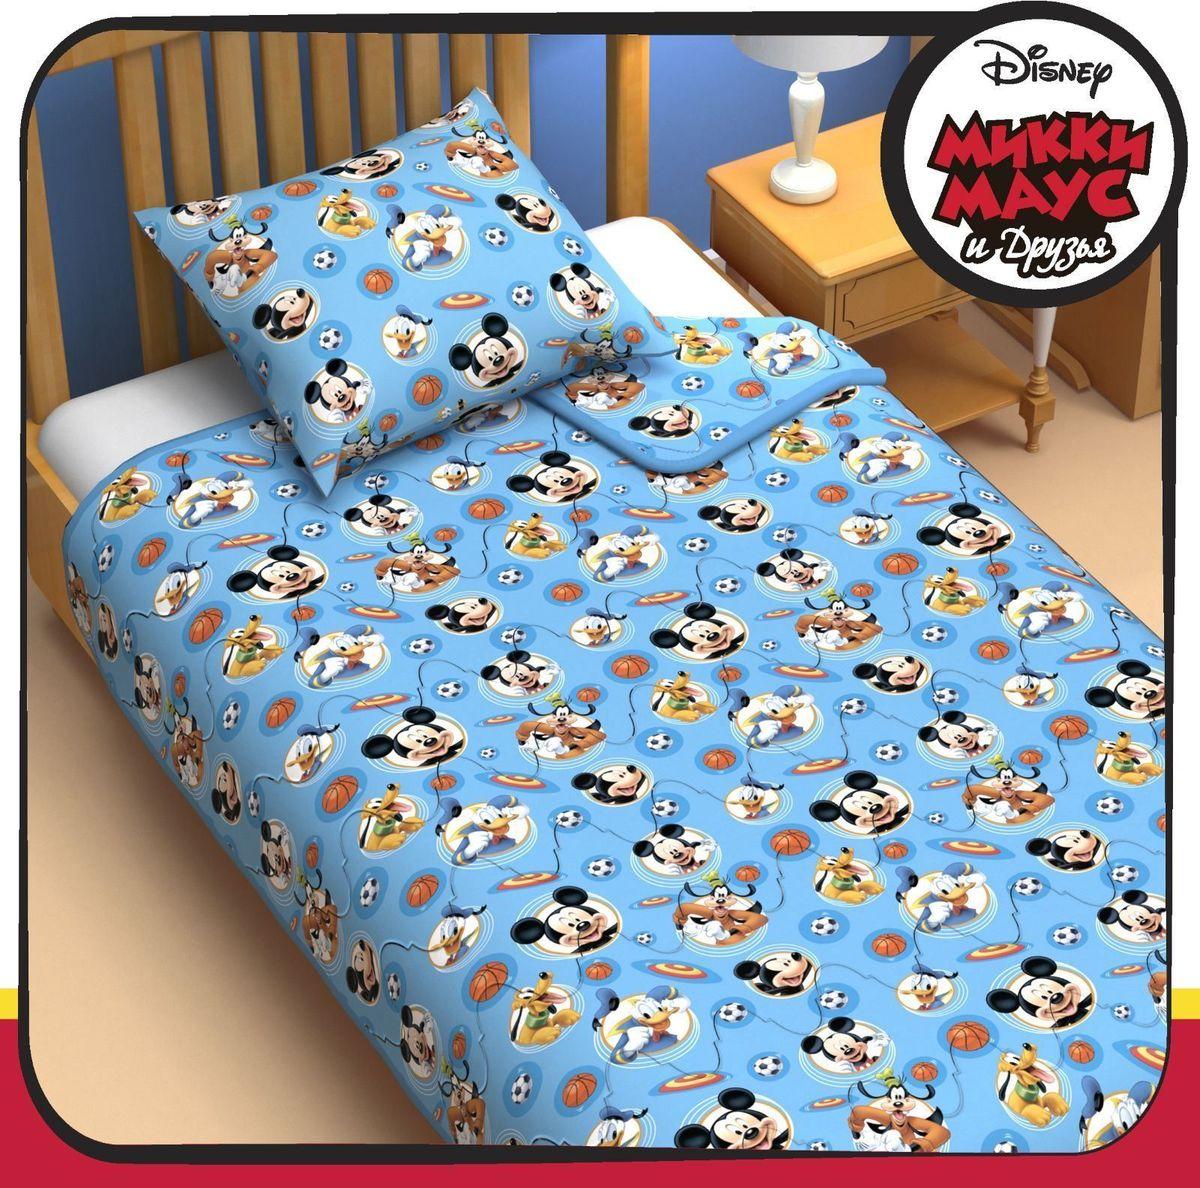 Disney Одеяло 1,5 спальное Микки Маус и его друзья 140 х 205 см 1153165531-105Сказочные сны с любимыми героями Disney. Маленький любитель мультфильмов Disney будет в восторге от этого яркого одеяла ! Оно подарит крохе захватывающие сны и по-настоящему доброе утро.Почему? Потому что одеяло изготовлено в России на современном оборудовании, а при нанесении рисунка использовались только качественные европейские красители.Над дизайном работала команда настоящих мастеров своего дела: очаровательные персонажи мультфильмов, детально проработанная картинка, гармоничное сочетание цветов — всё это результат их кропотливой работы.В качестве наполнителя для изделия используется файбер — практичный, безопасный и мягкий материал. Именно поэтому одеяло:поддерживает комфортную температуру тела во время сна;не способствует появлению аллергии и раздражения;позволяет коже дышать и впитывает влагу;хорошо переносит многочисленные стирки, сохраняя первоначальную форму и внешний вид;Чехол выполнен из поплина — прочной, невероятно приятной на ощупь хлопковой ткани, которая хорошо поддаётся окрашиванию и также позволяет коже дышать.Состав:Чехол: хлопок 100 %, поплин 125 г/м?.Наполнитель: файбер 200 г/м?. Рекомендации по уходу за изделием: стирайте при температуре не выше 40 °C без использования отбеливателей. Сушите в горизонтальном положении.